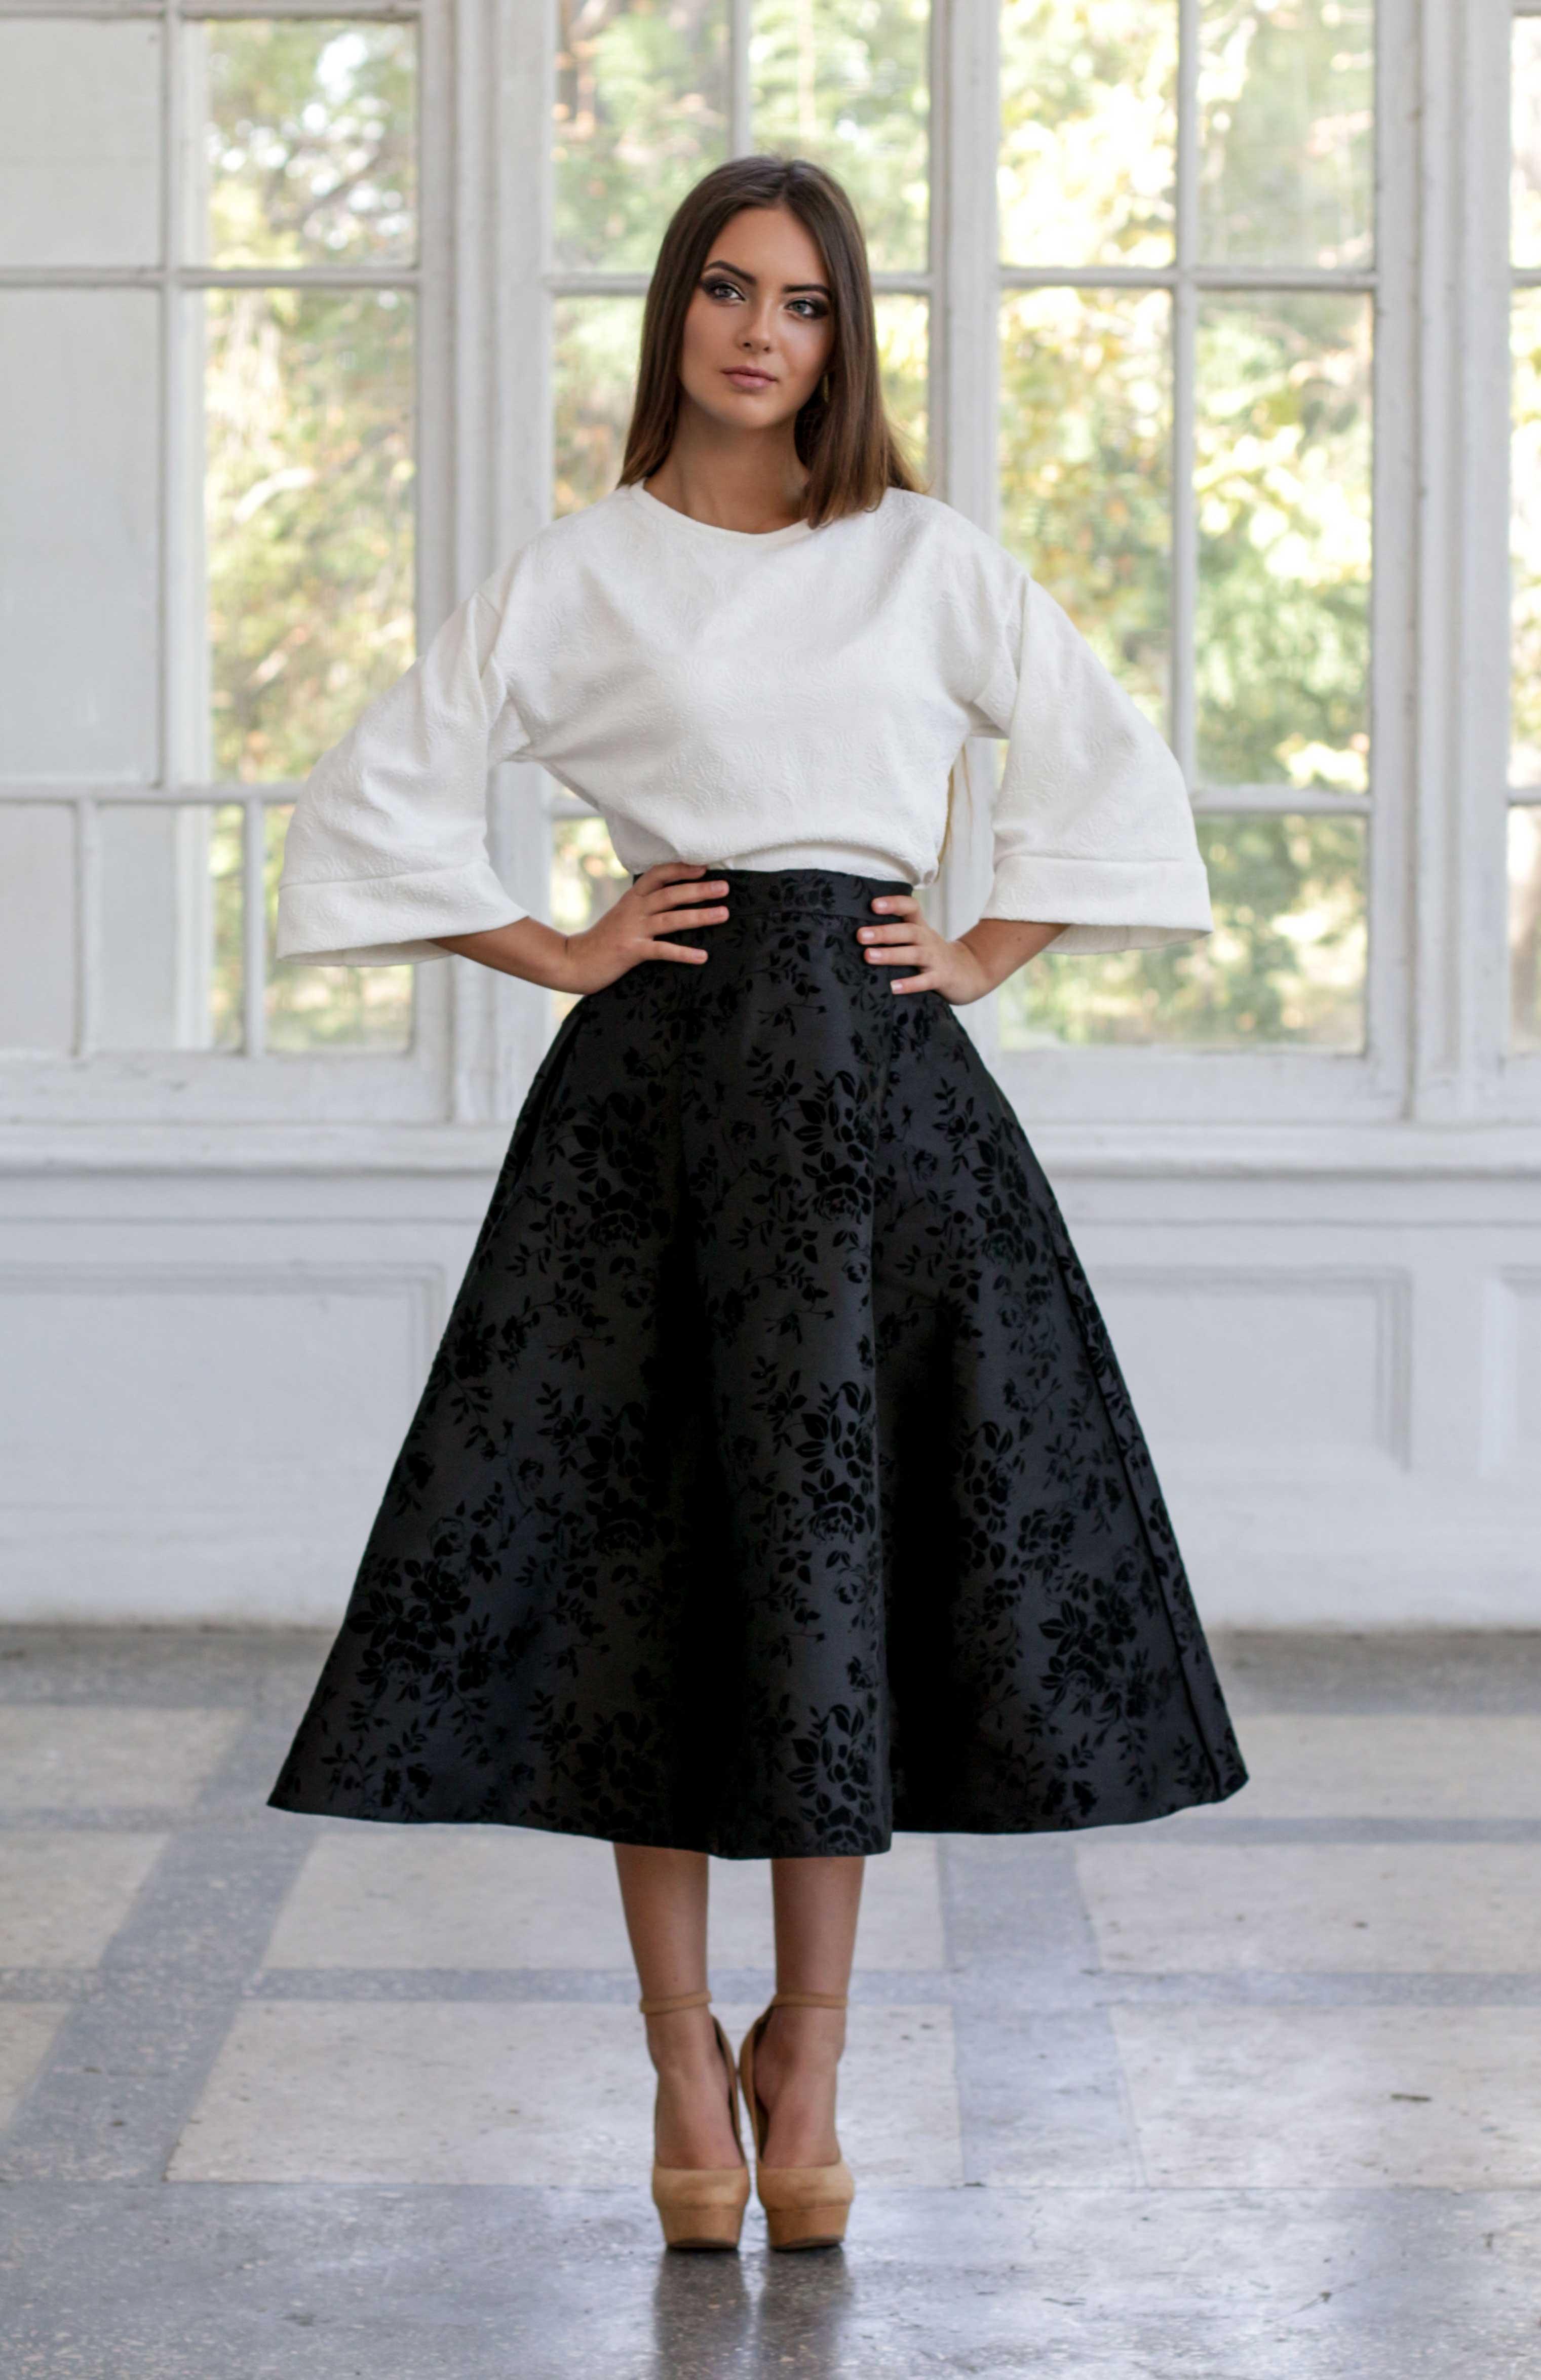 Пышная юбка из атласа купить